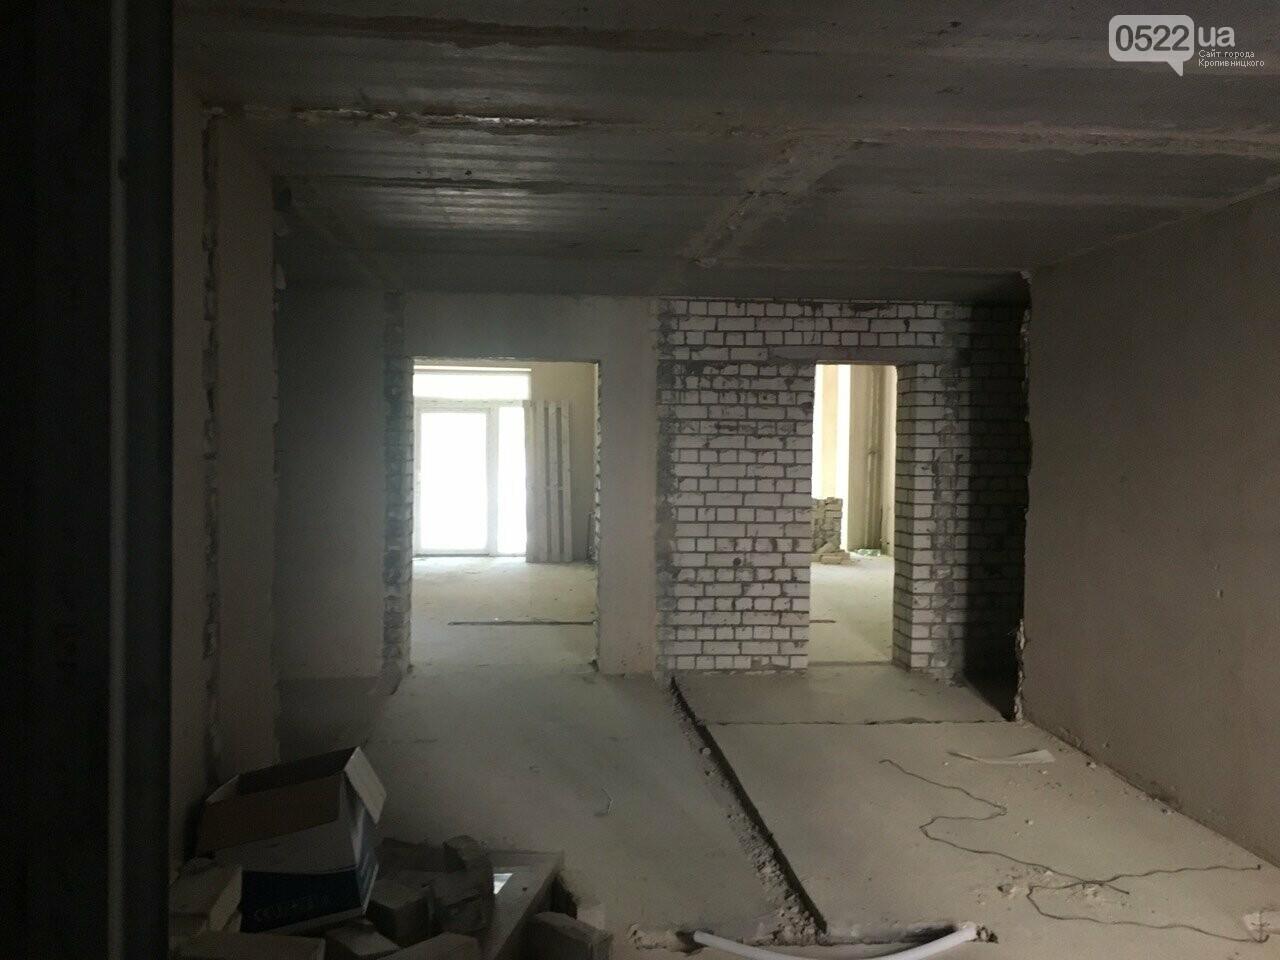 Фонд братів Кузьміних відкриє третій реабілітаційний центр для поранених. На цей раз у Києві, - ФОТО, фото-8